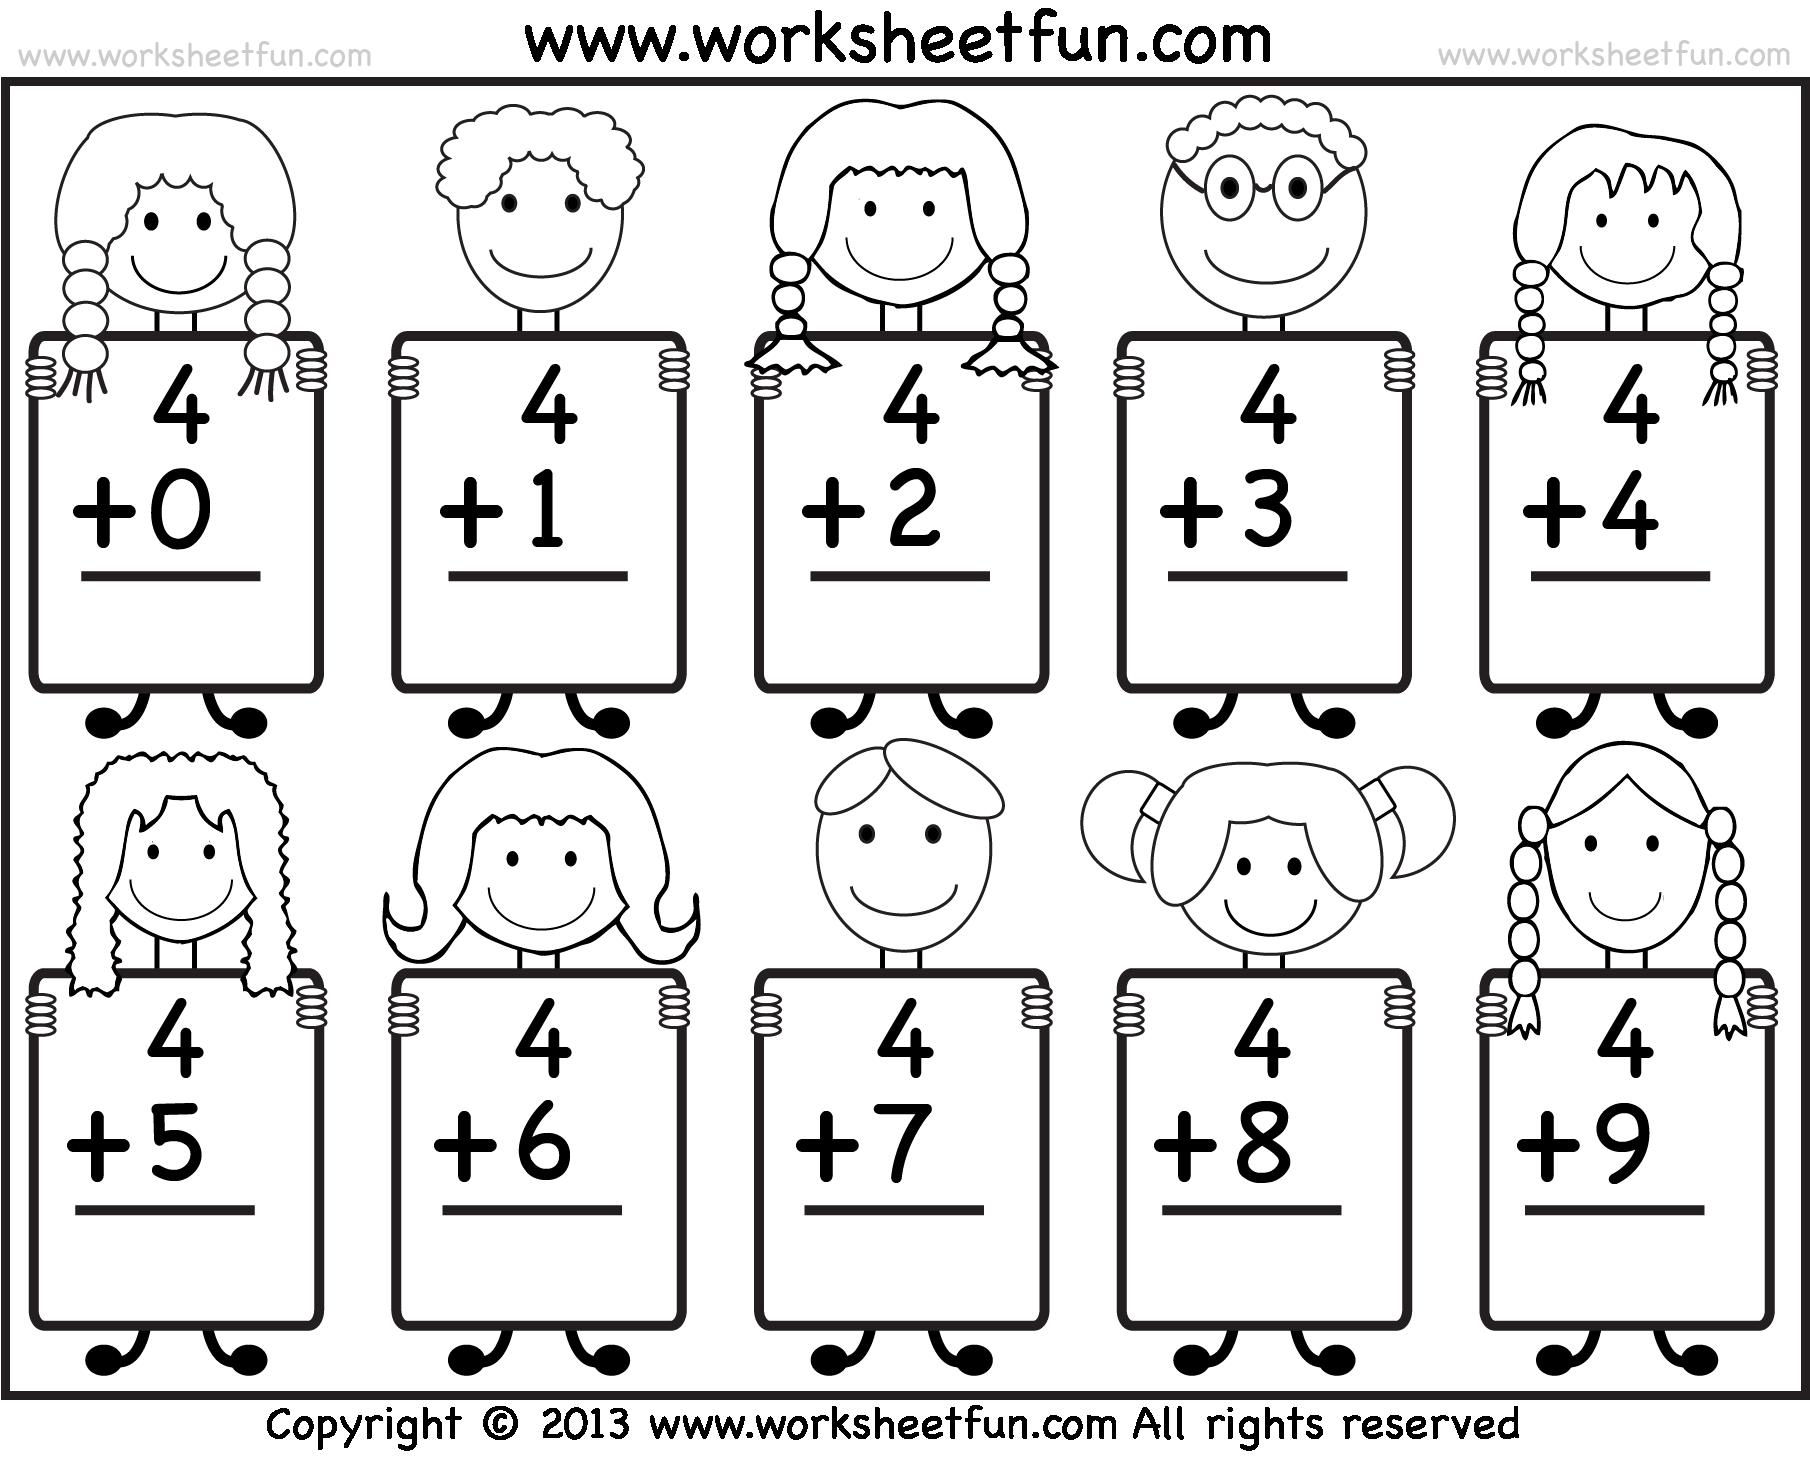 Kindergarten Worksheets Printable Math The Best Worksheets Image